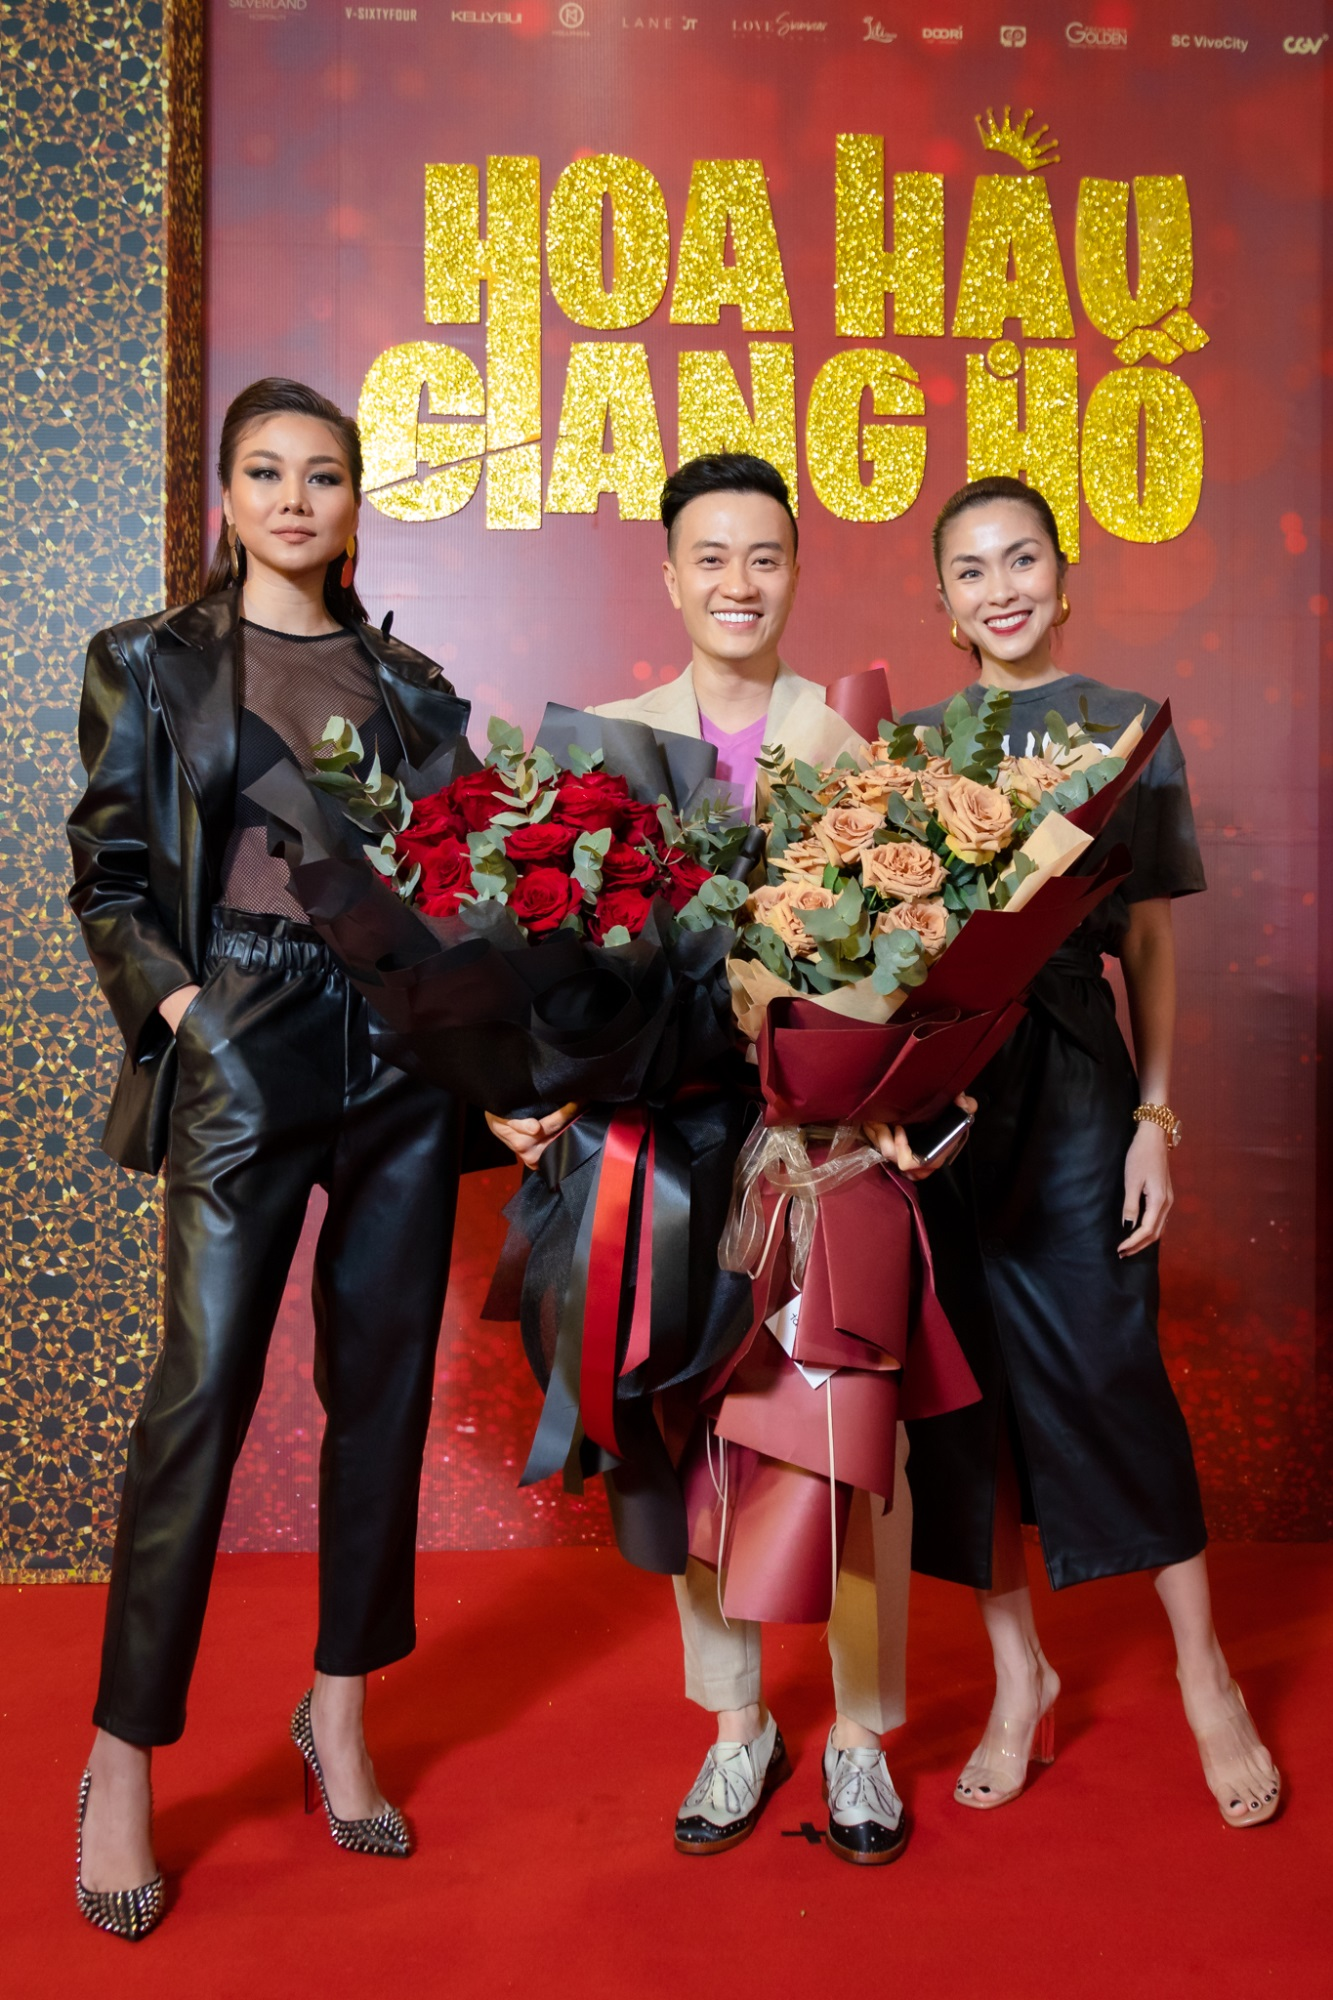 Tăng Thanh Hà và Thanh Hằng rạng rỡ đến chúc mừng Lương Mạnh Hải ra mắt phim đầu tay - Ảnh 2